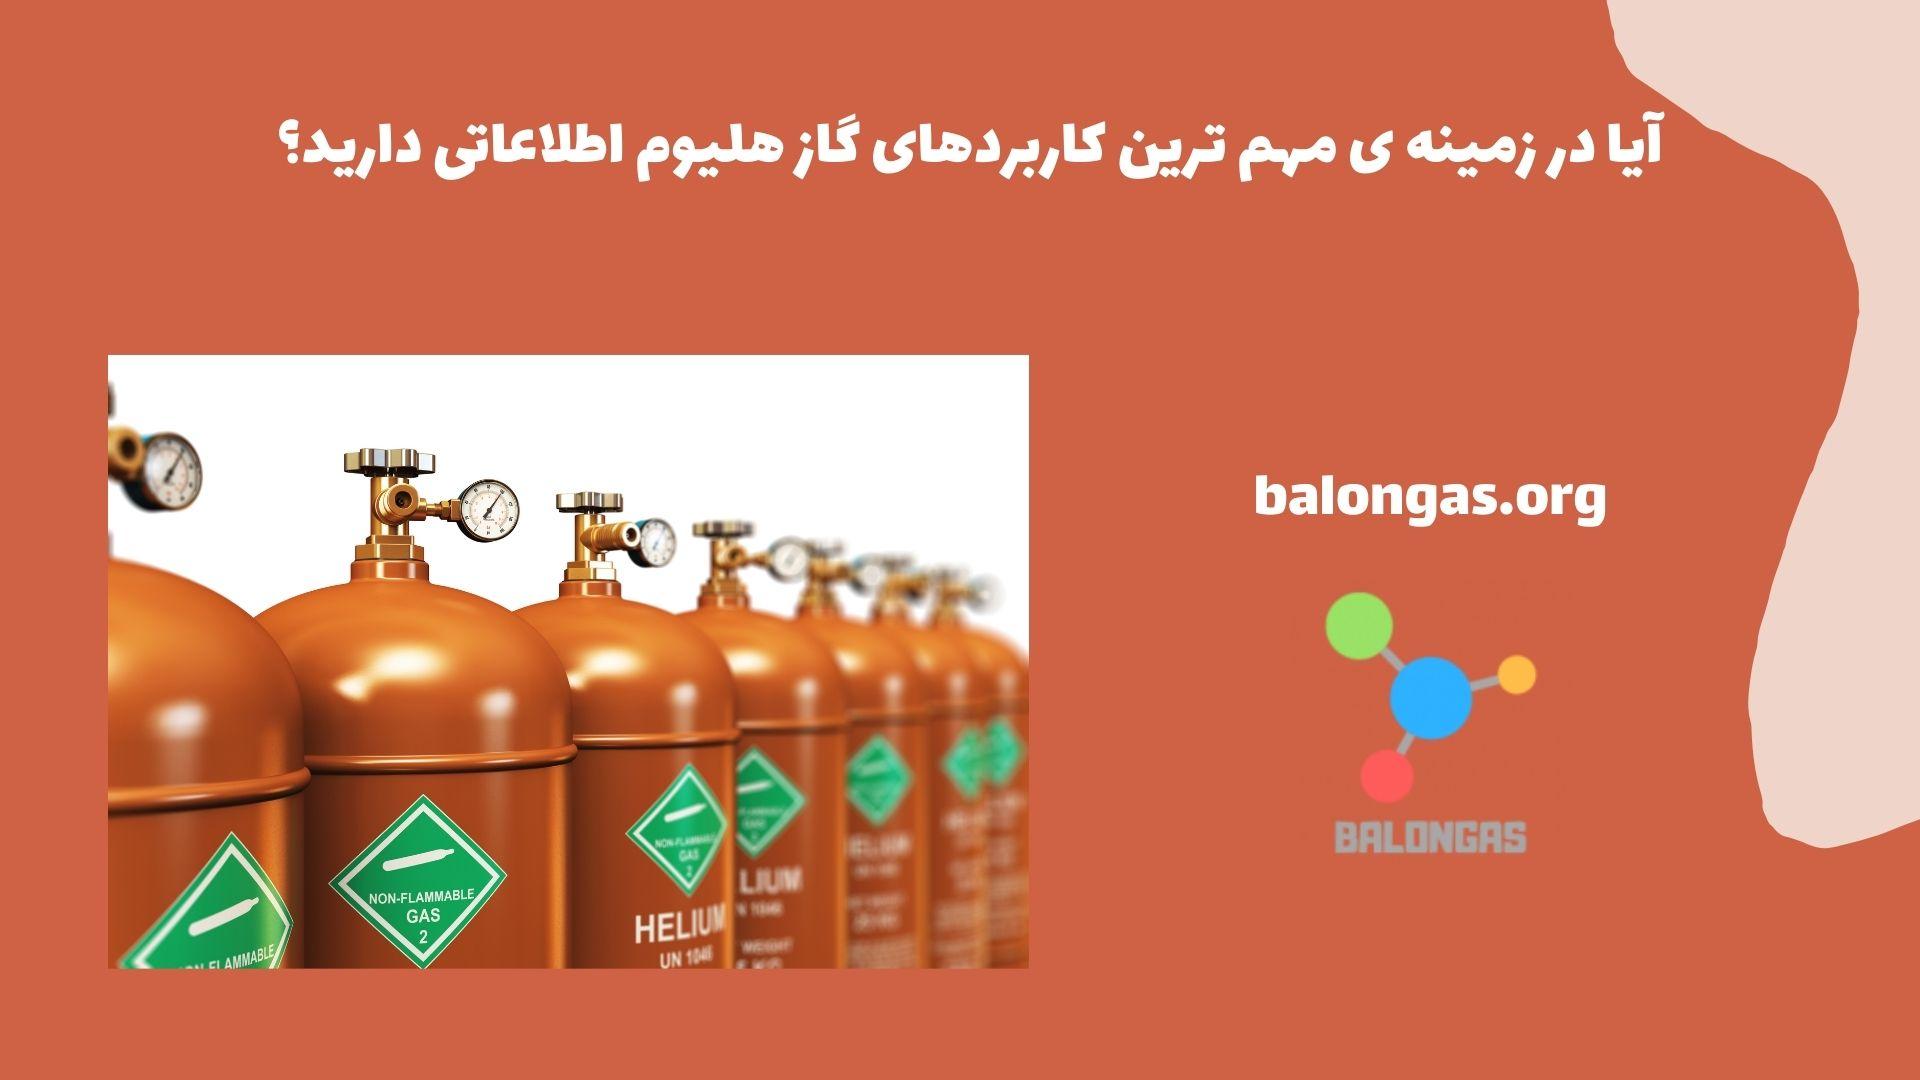 آیا در زمینه ی مهم ترین کاربردهای گاز هلیوم اطلاعاتی دارید؟